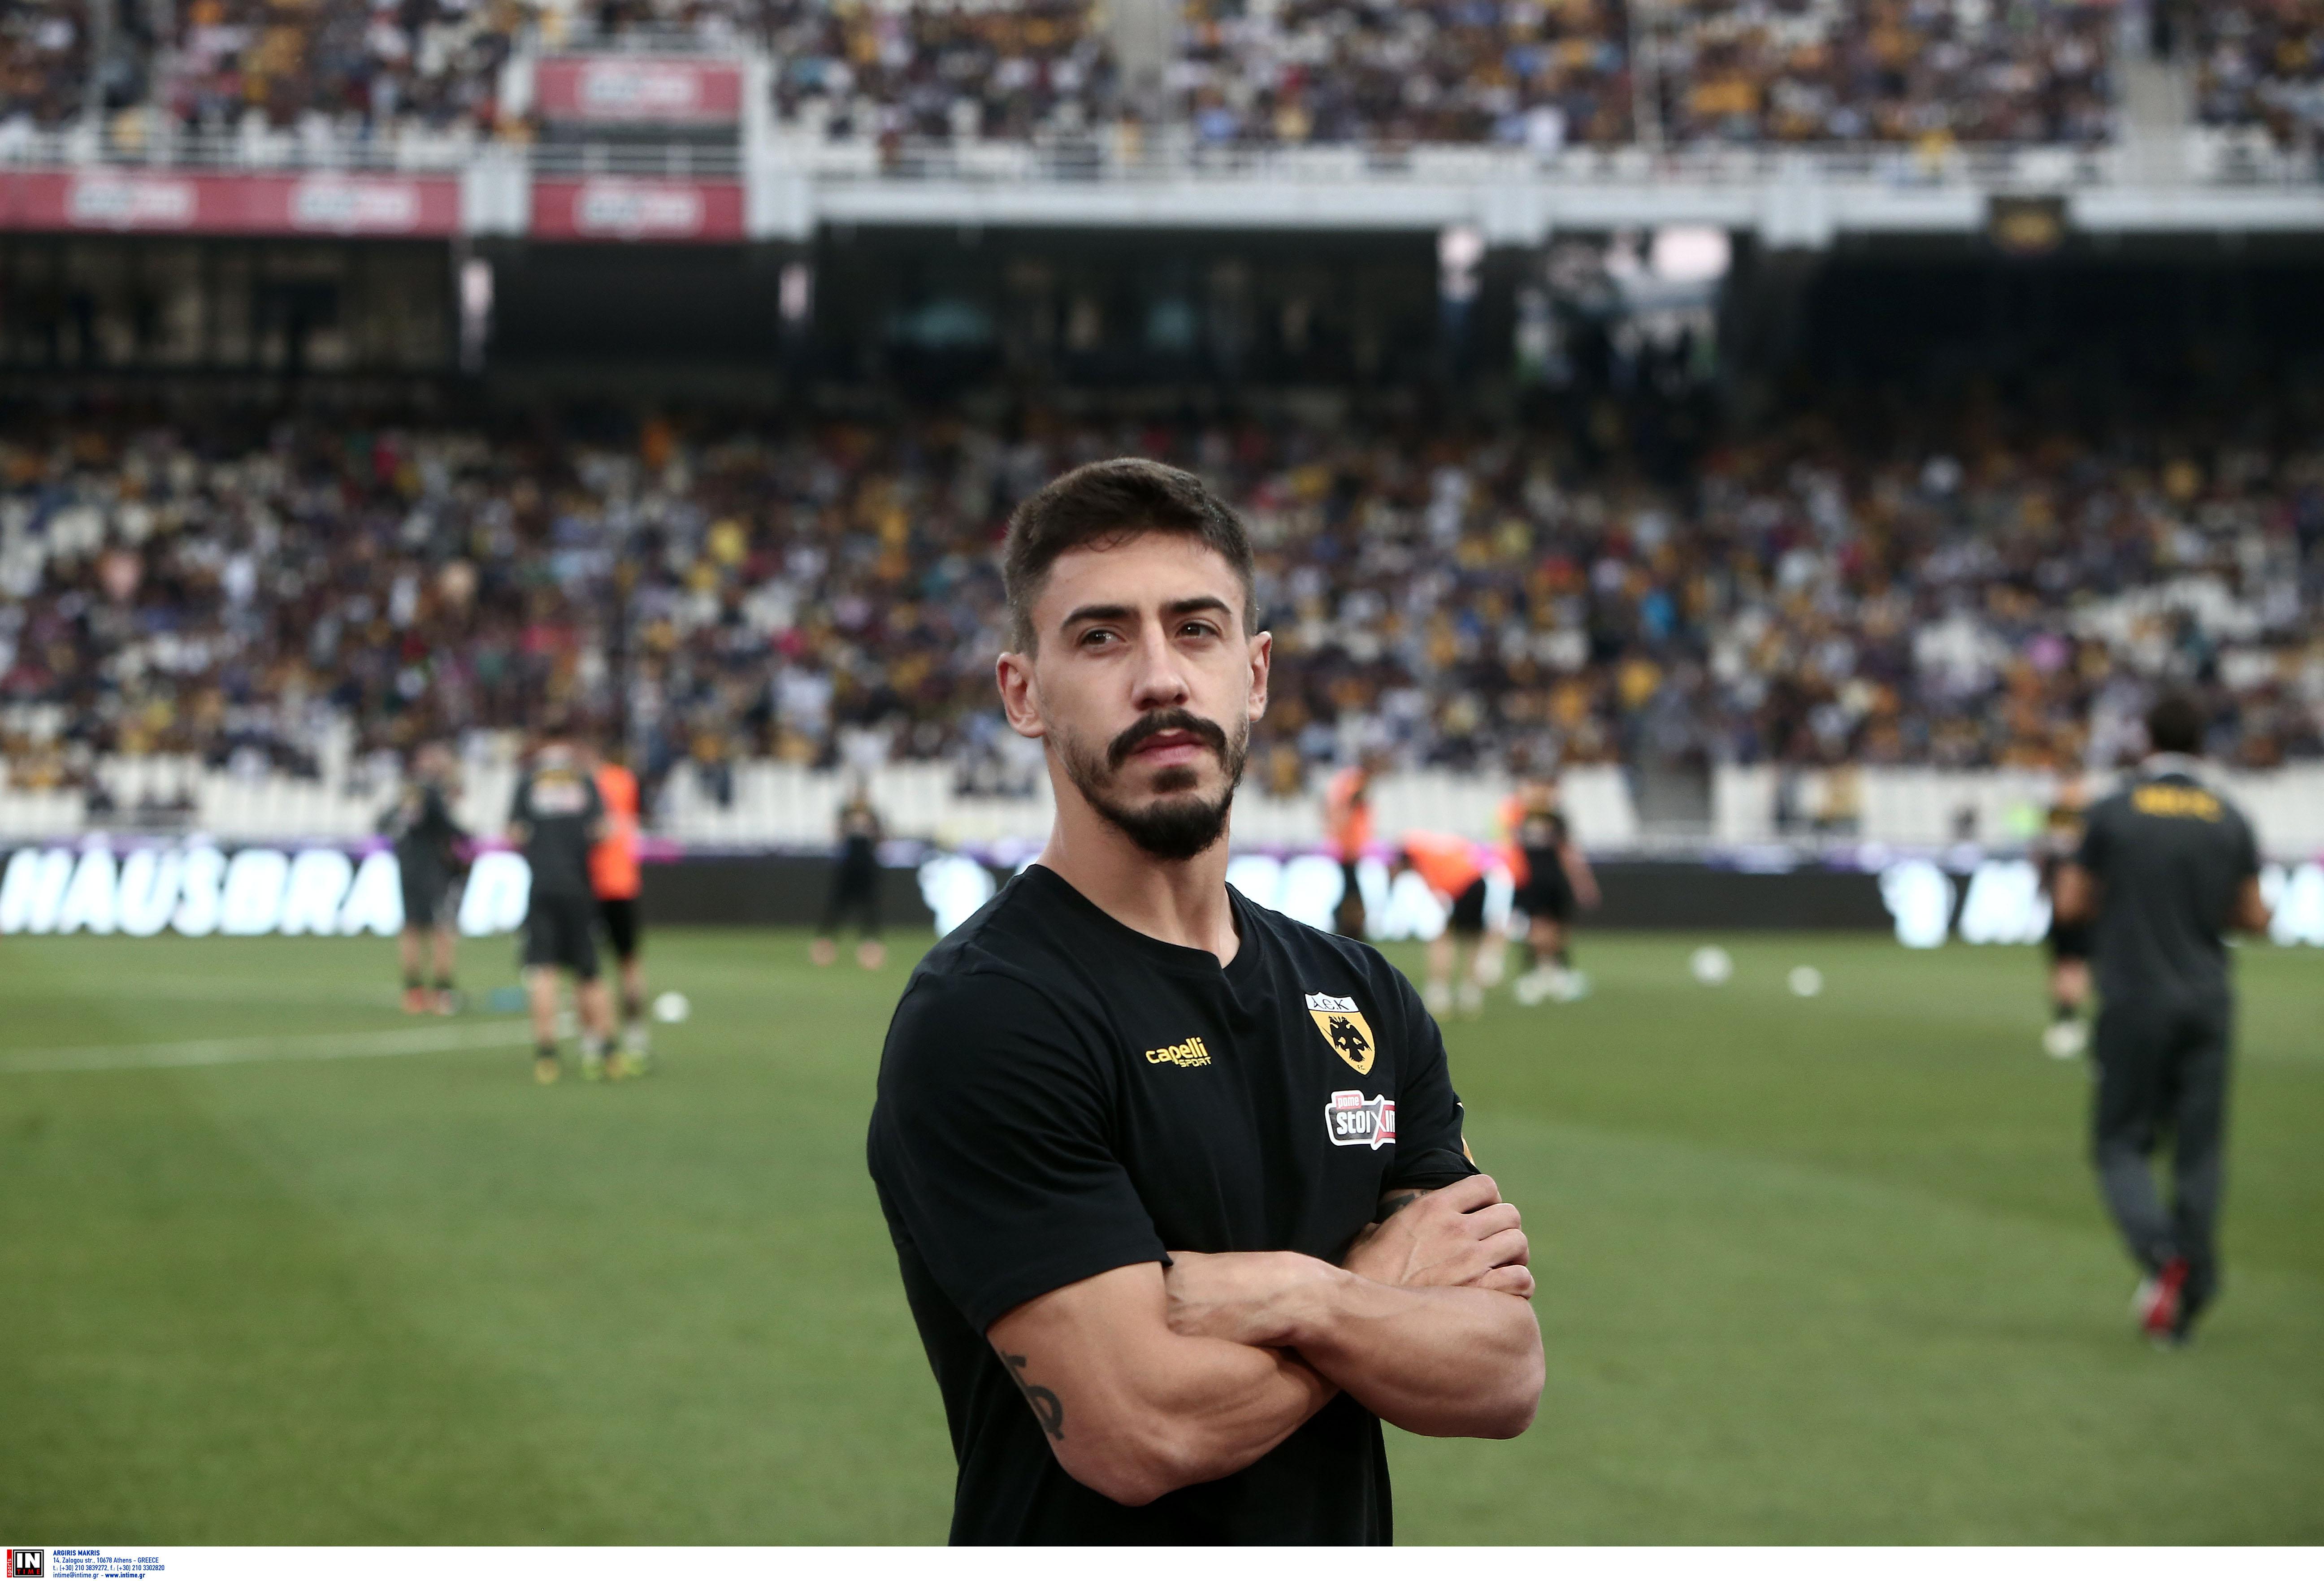 """ΑΕΚ: Το γήπεδο """"κρατά"""" εκτός τους Σιμόες και Ολιβέιρα!"""